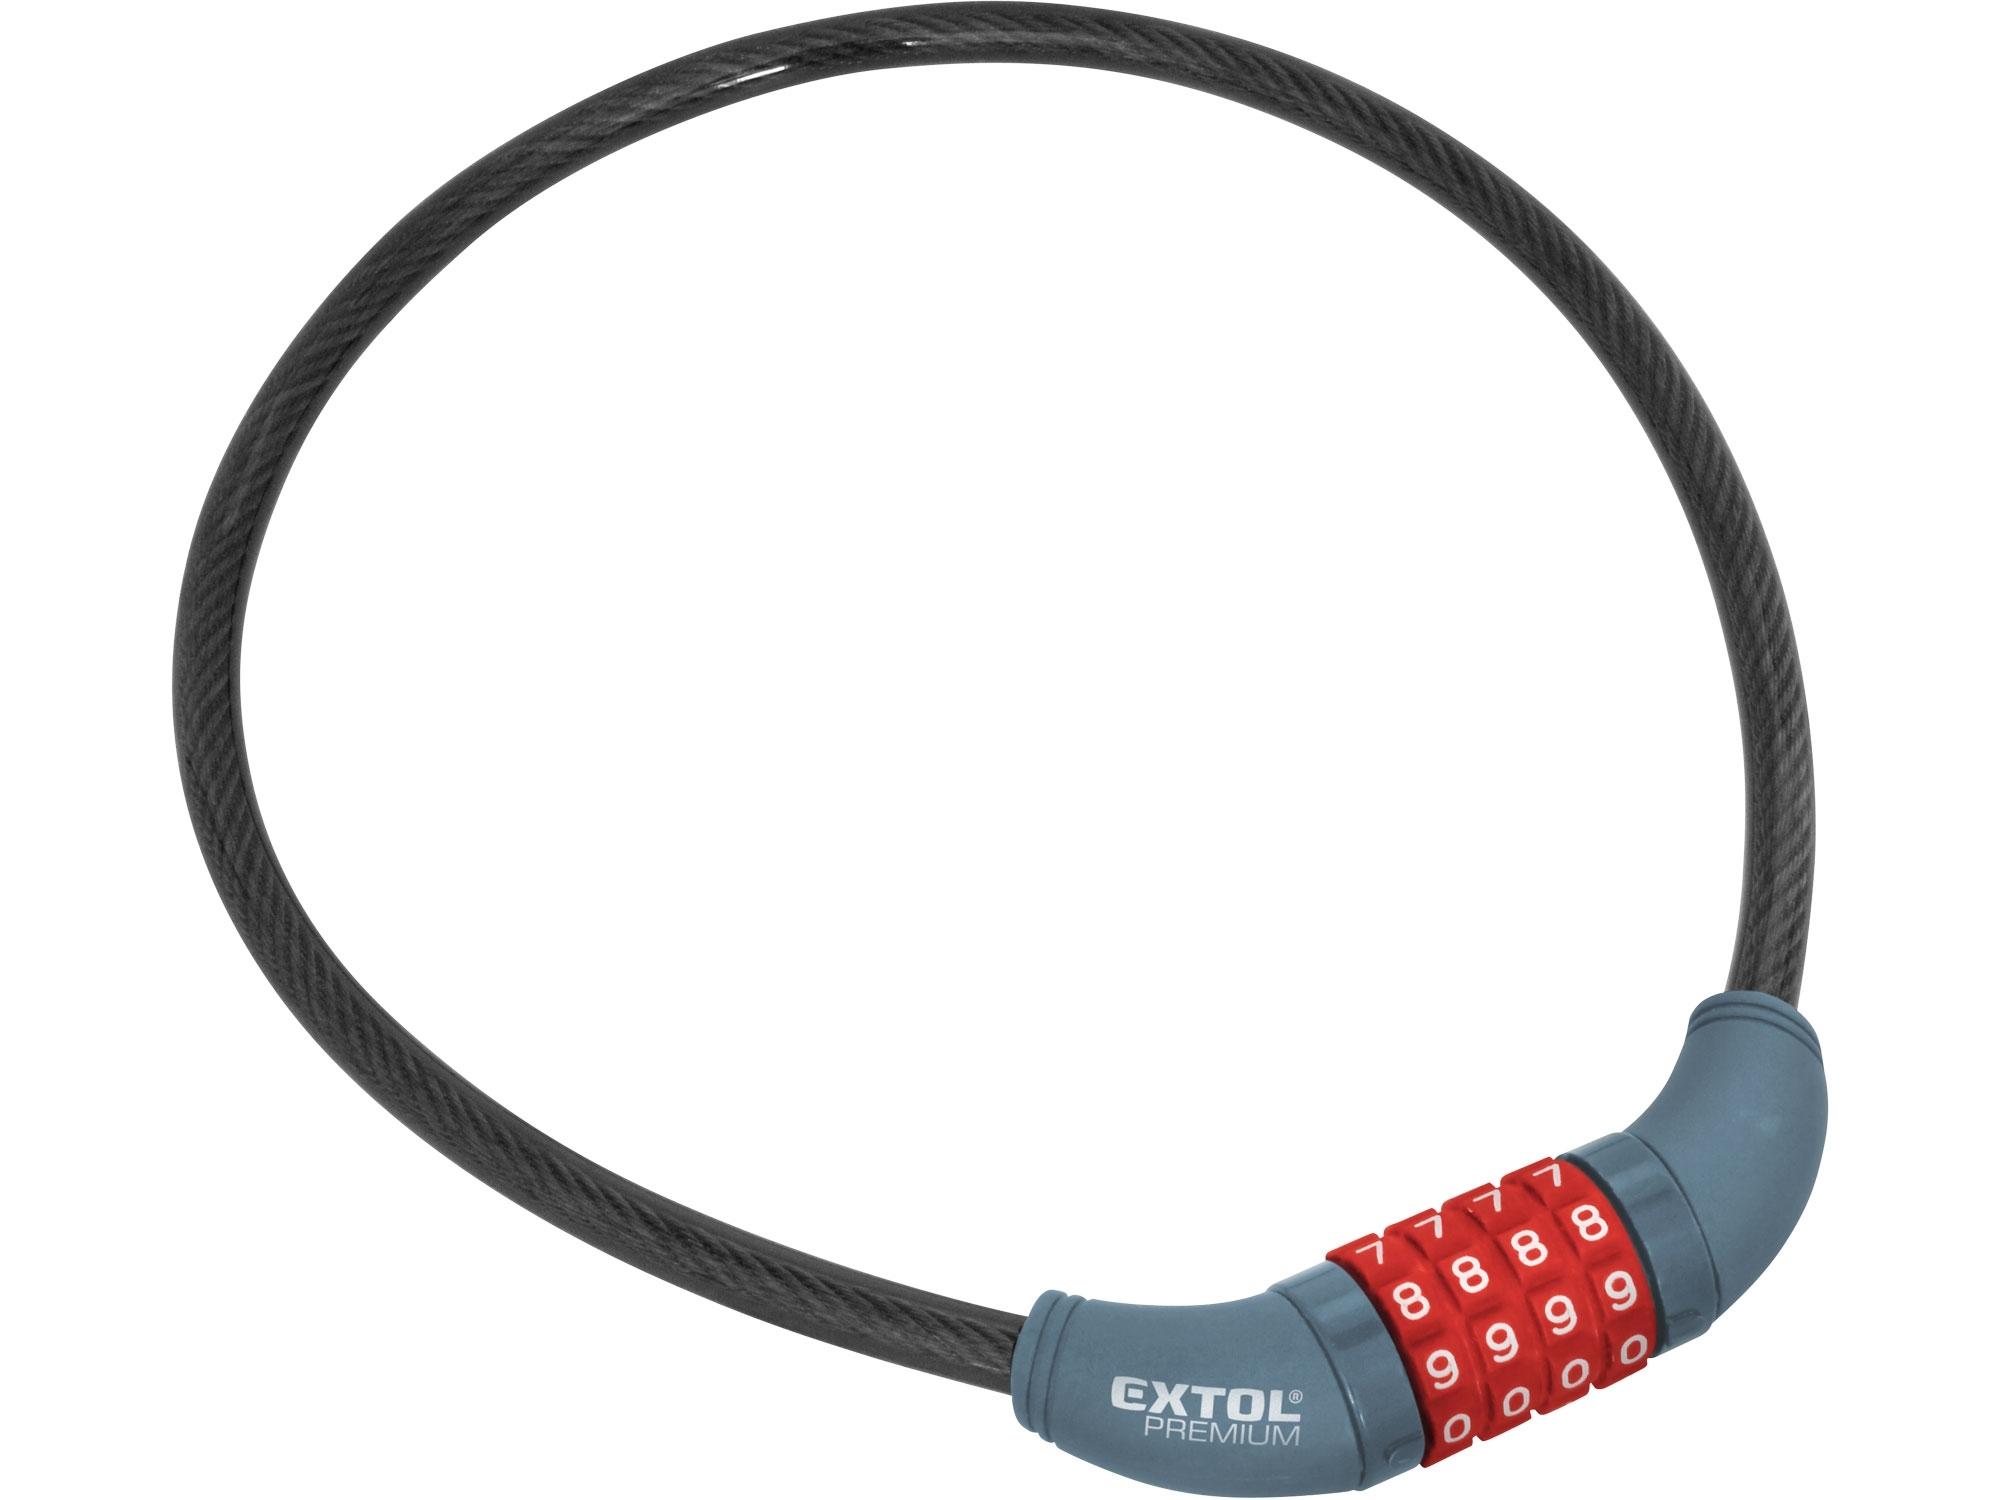 zámek na kolo-lanko, kódové zamykání, 10x650mm, EXTOL PREMIUM 8857822